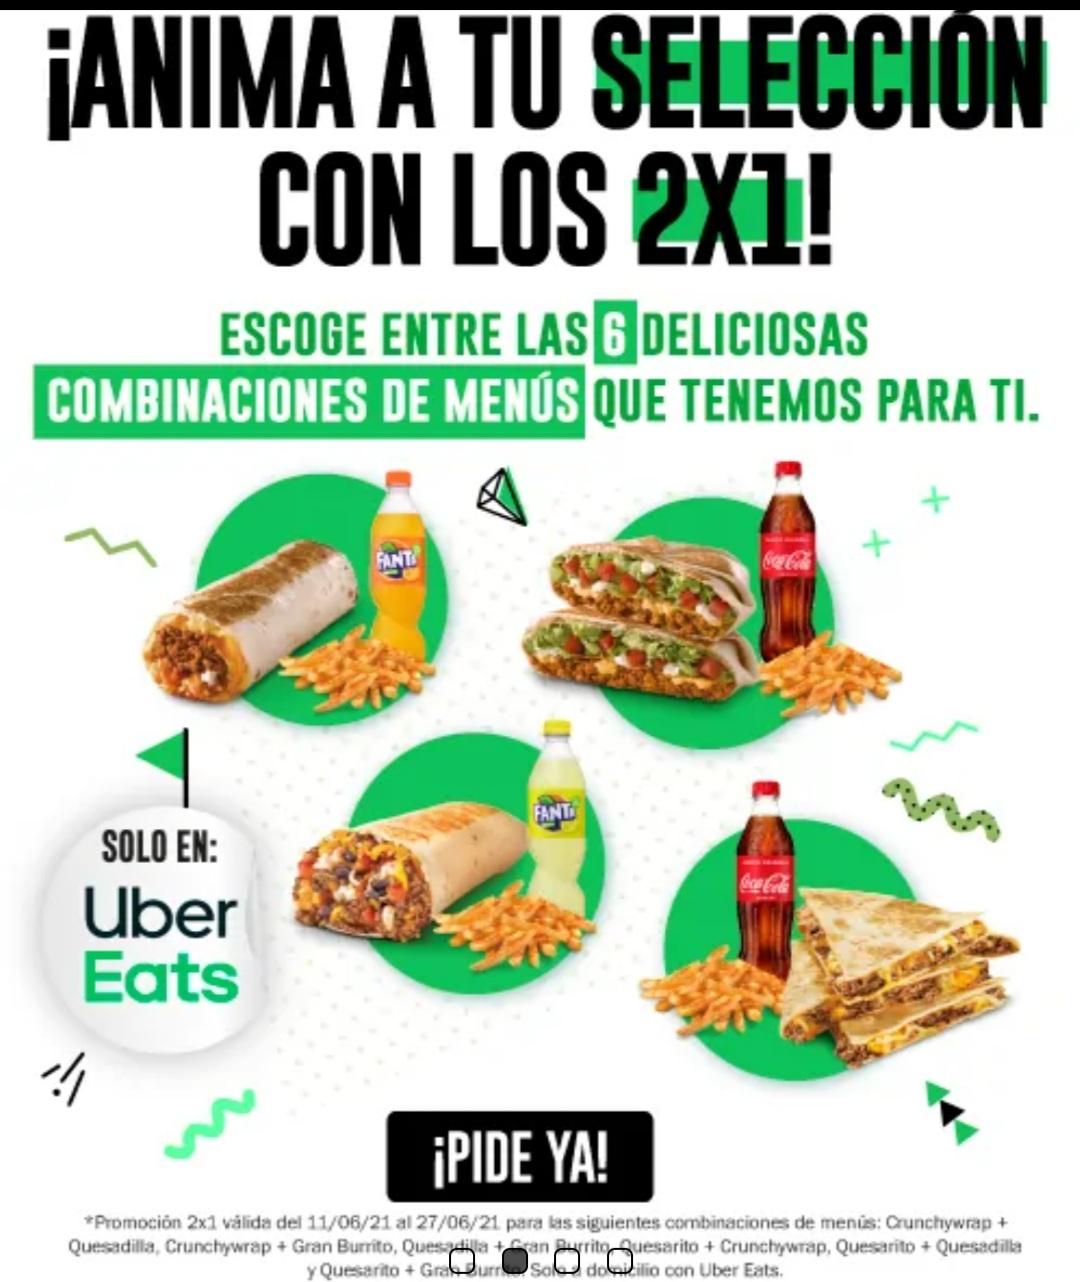 2x1 en 6 menus de Taco Bell pidiendo en Uber Eats